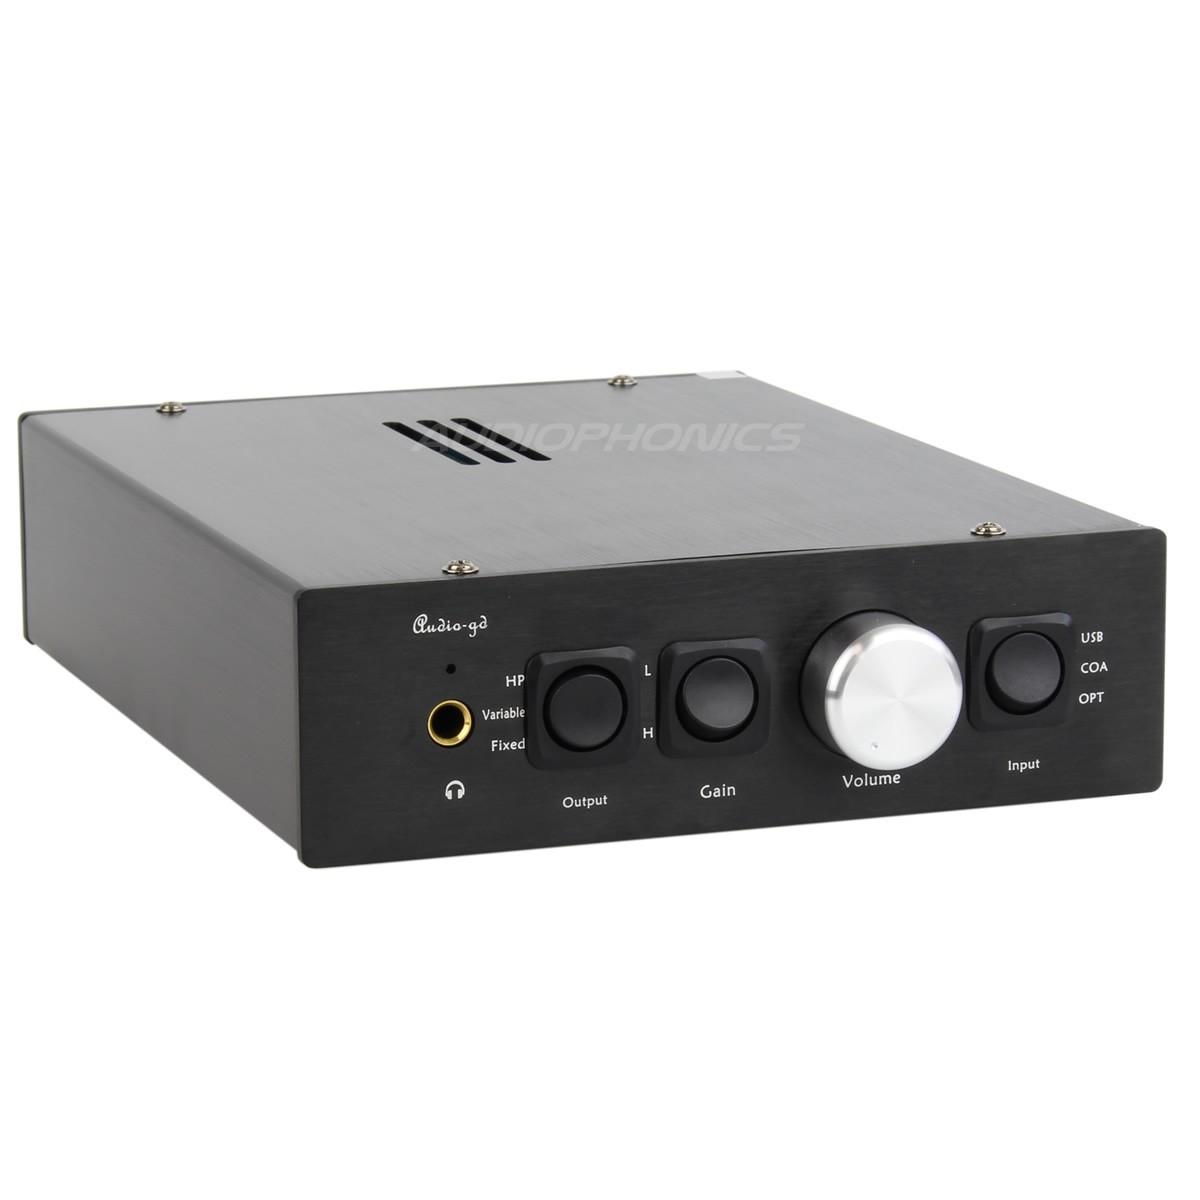 AUDIO-GD NFB-11 DAC ES9018 / Préampli / Ampli casque DSD 32bit / 384kHz